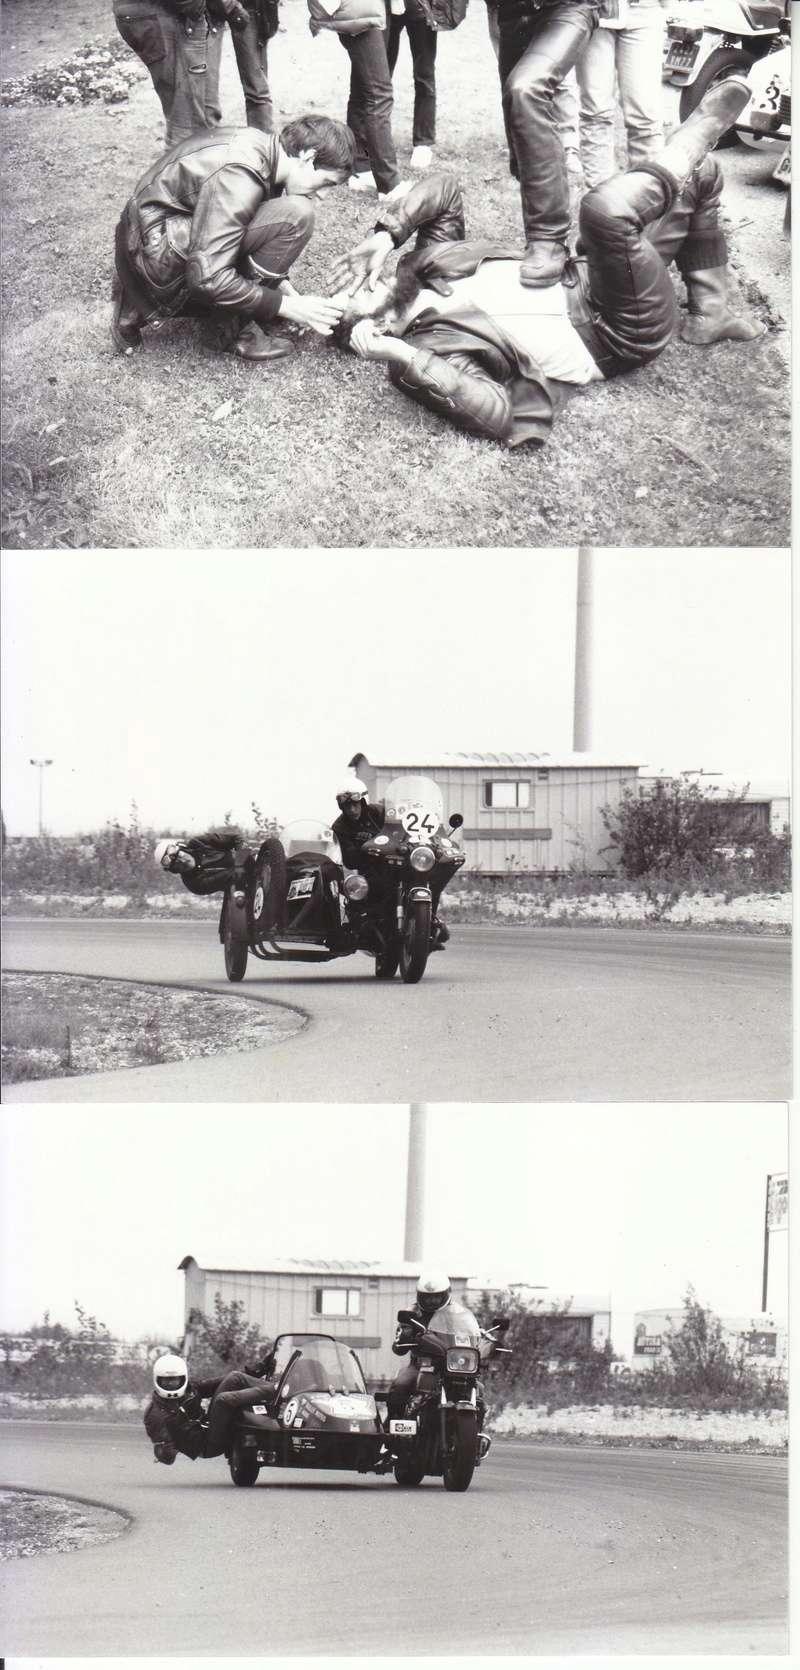 [Oldies] 1980 à 1988: Le Tour de France side-car, par Joël Enndewell  - Page 17 Sans_t75